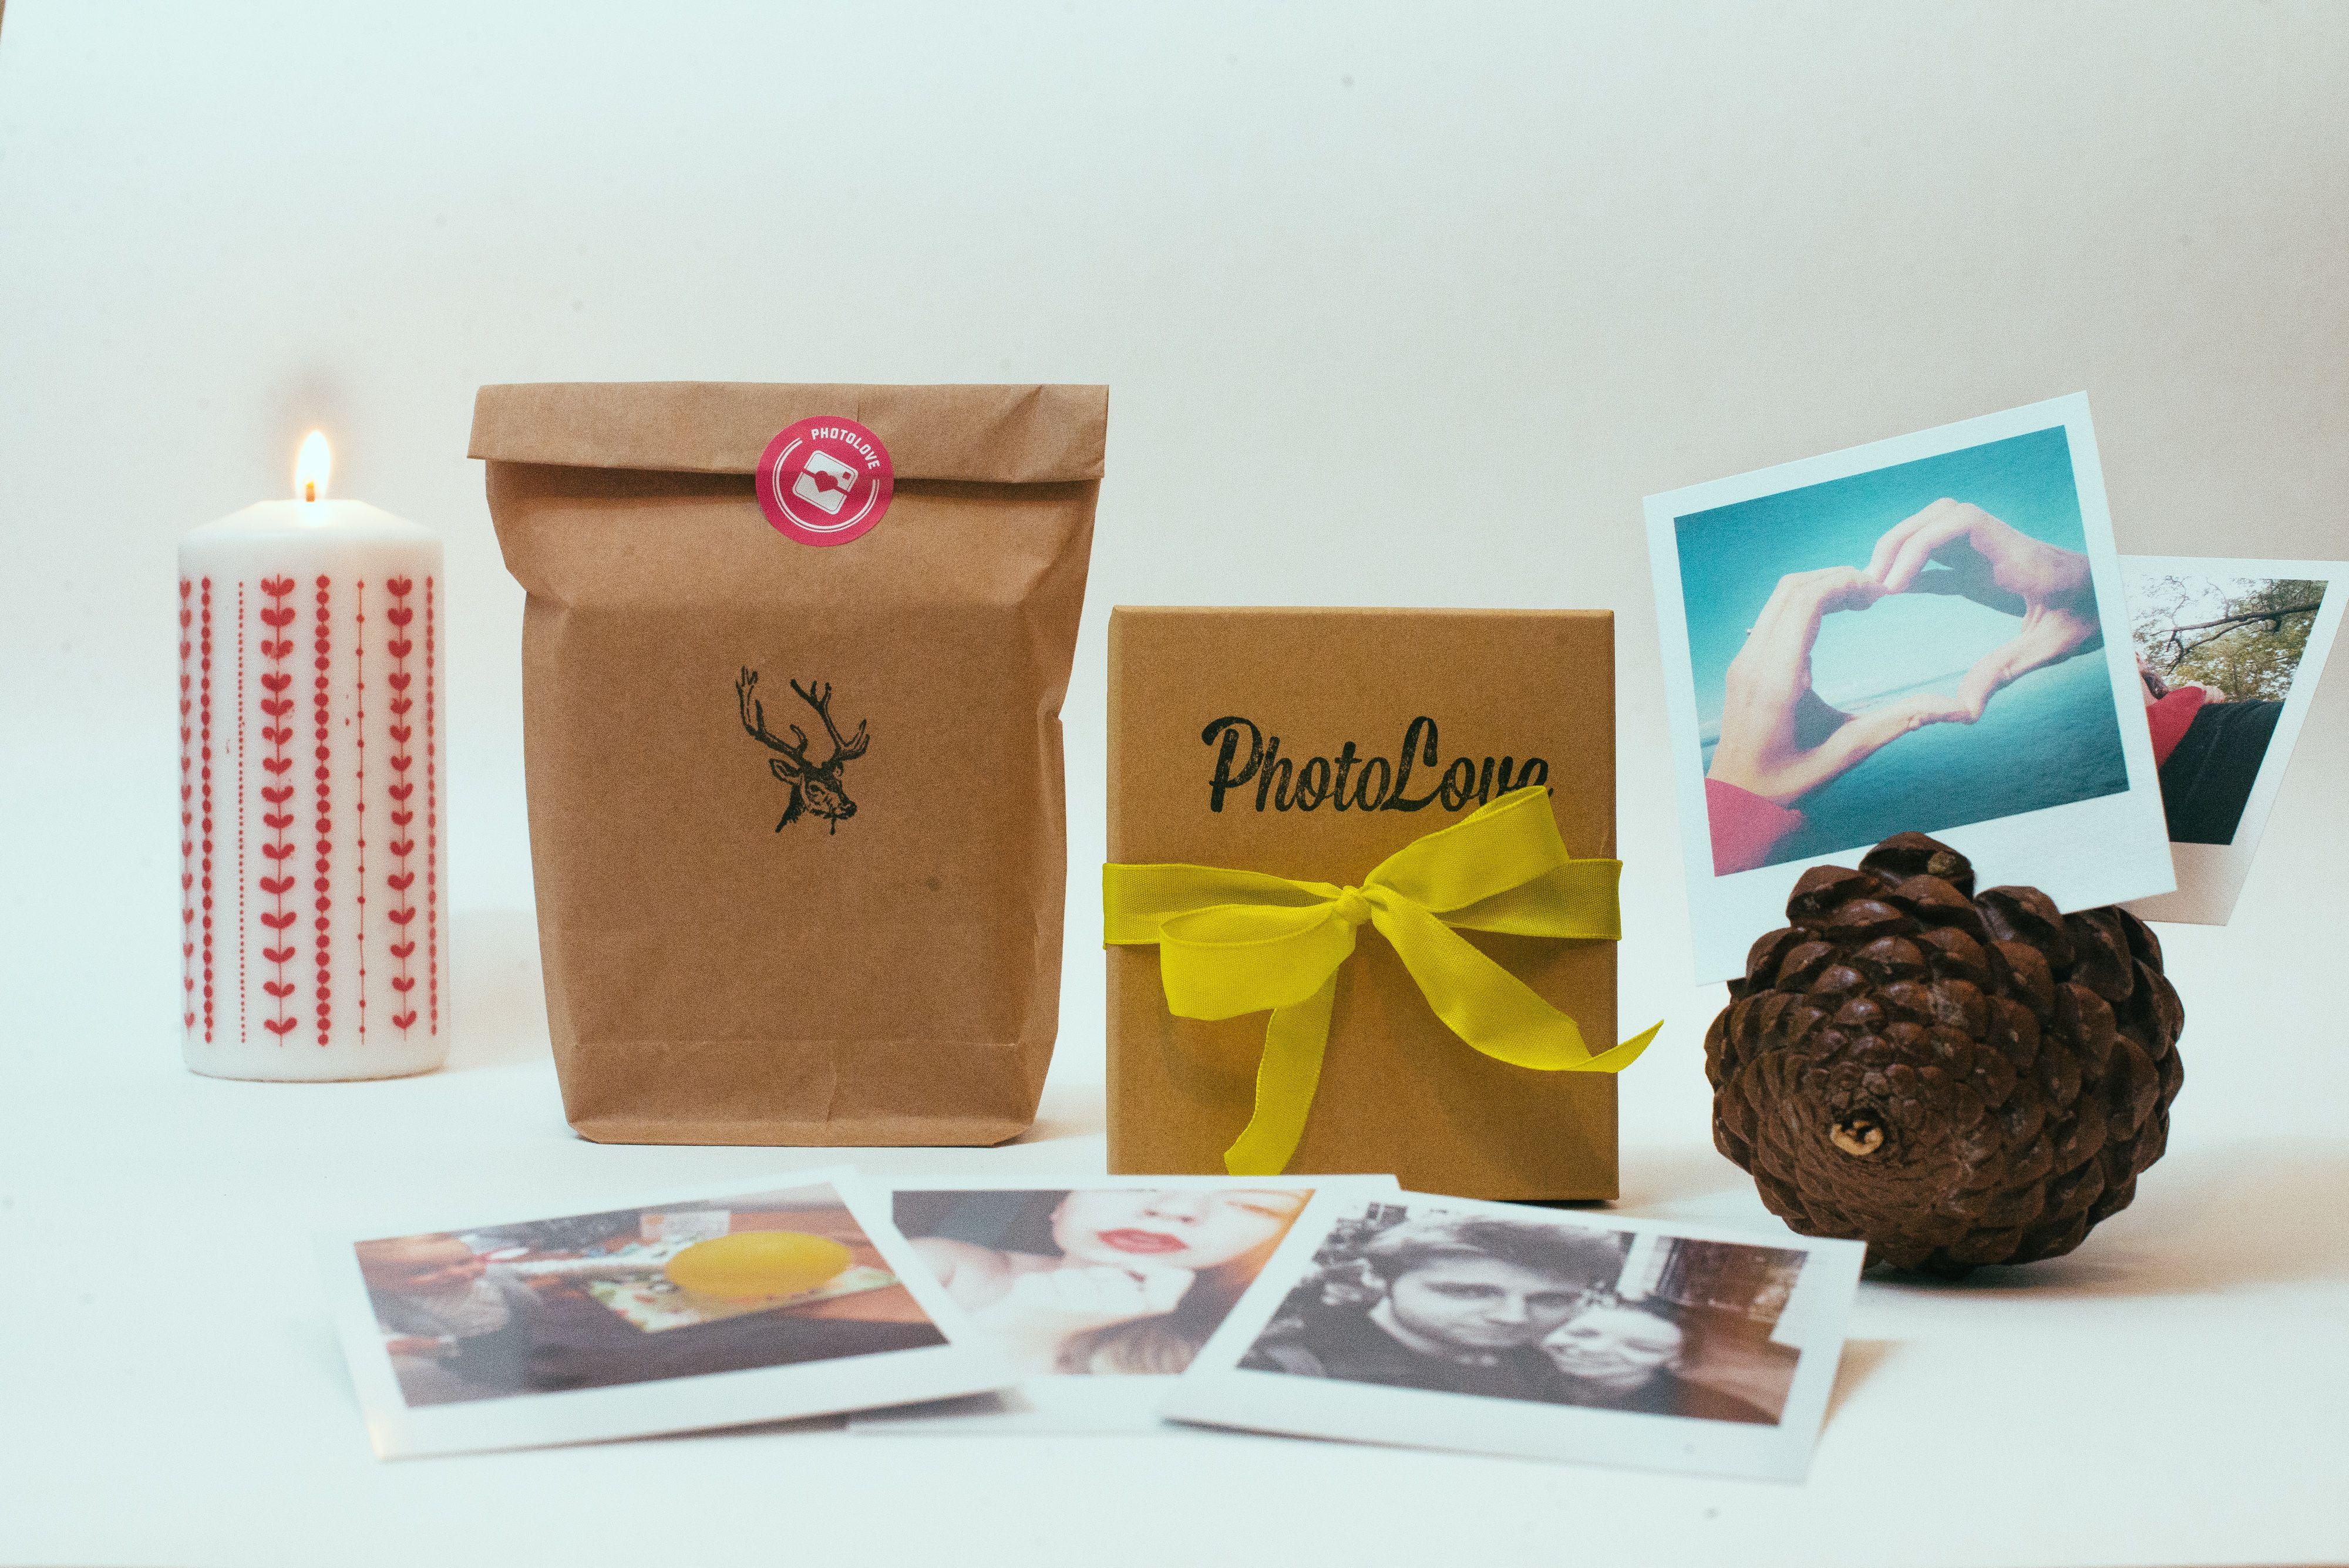 Weihnachtsgeschenk 2014 gesucht? Vintage Prints in unserer XMAS BOX! Verschenke etwas Besonderes: www.photoloveprints.com